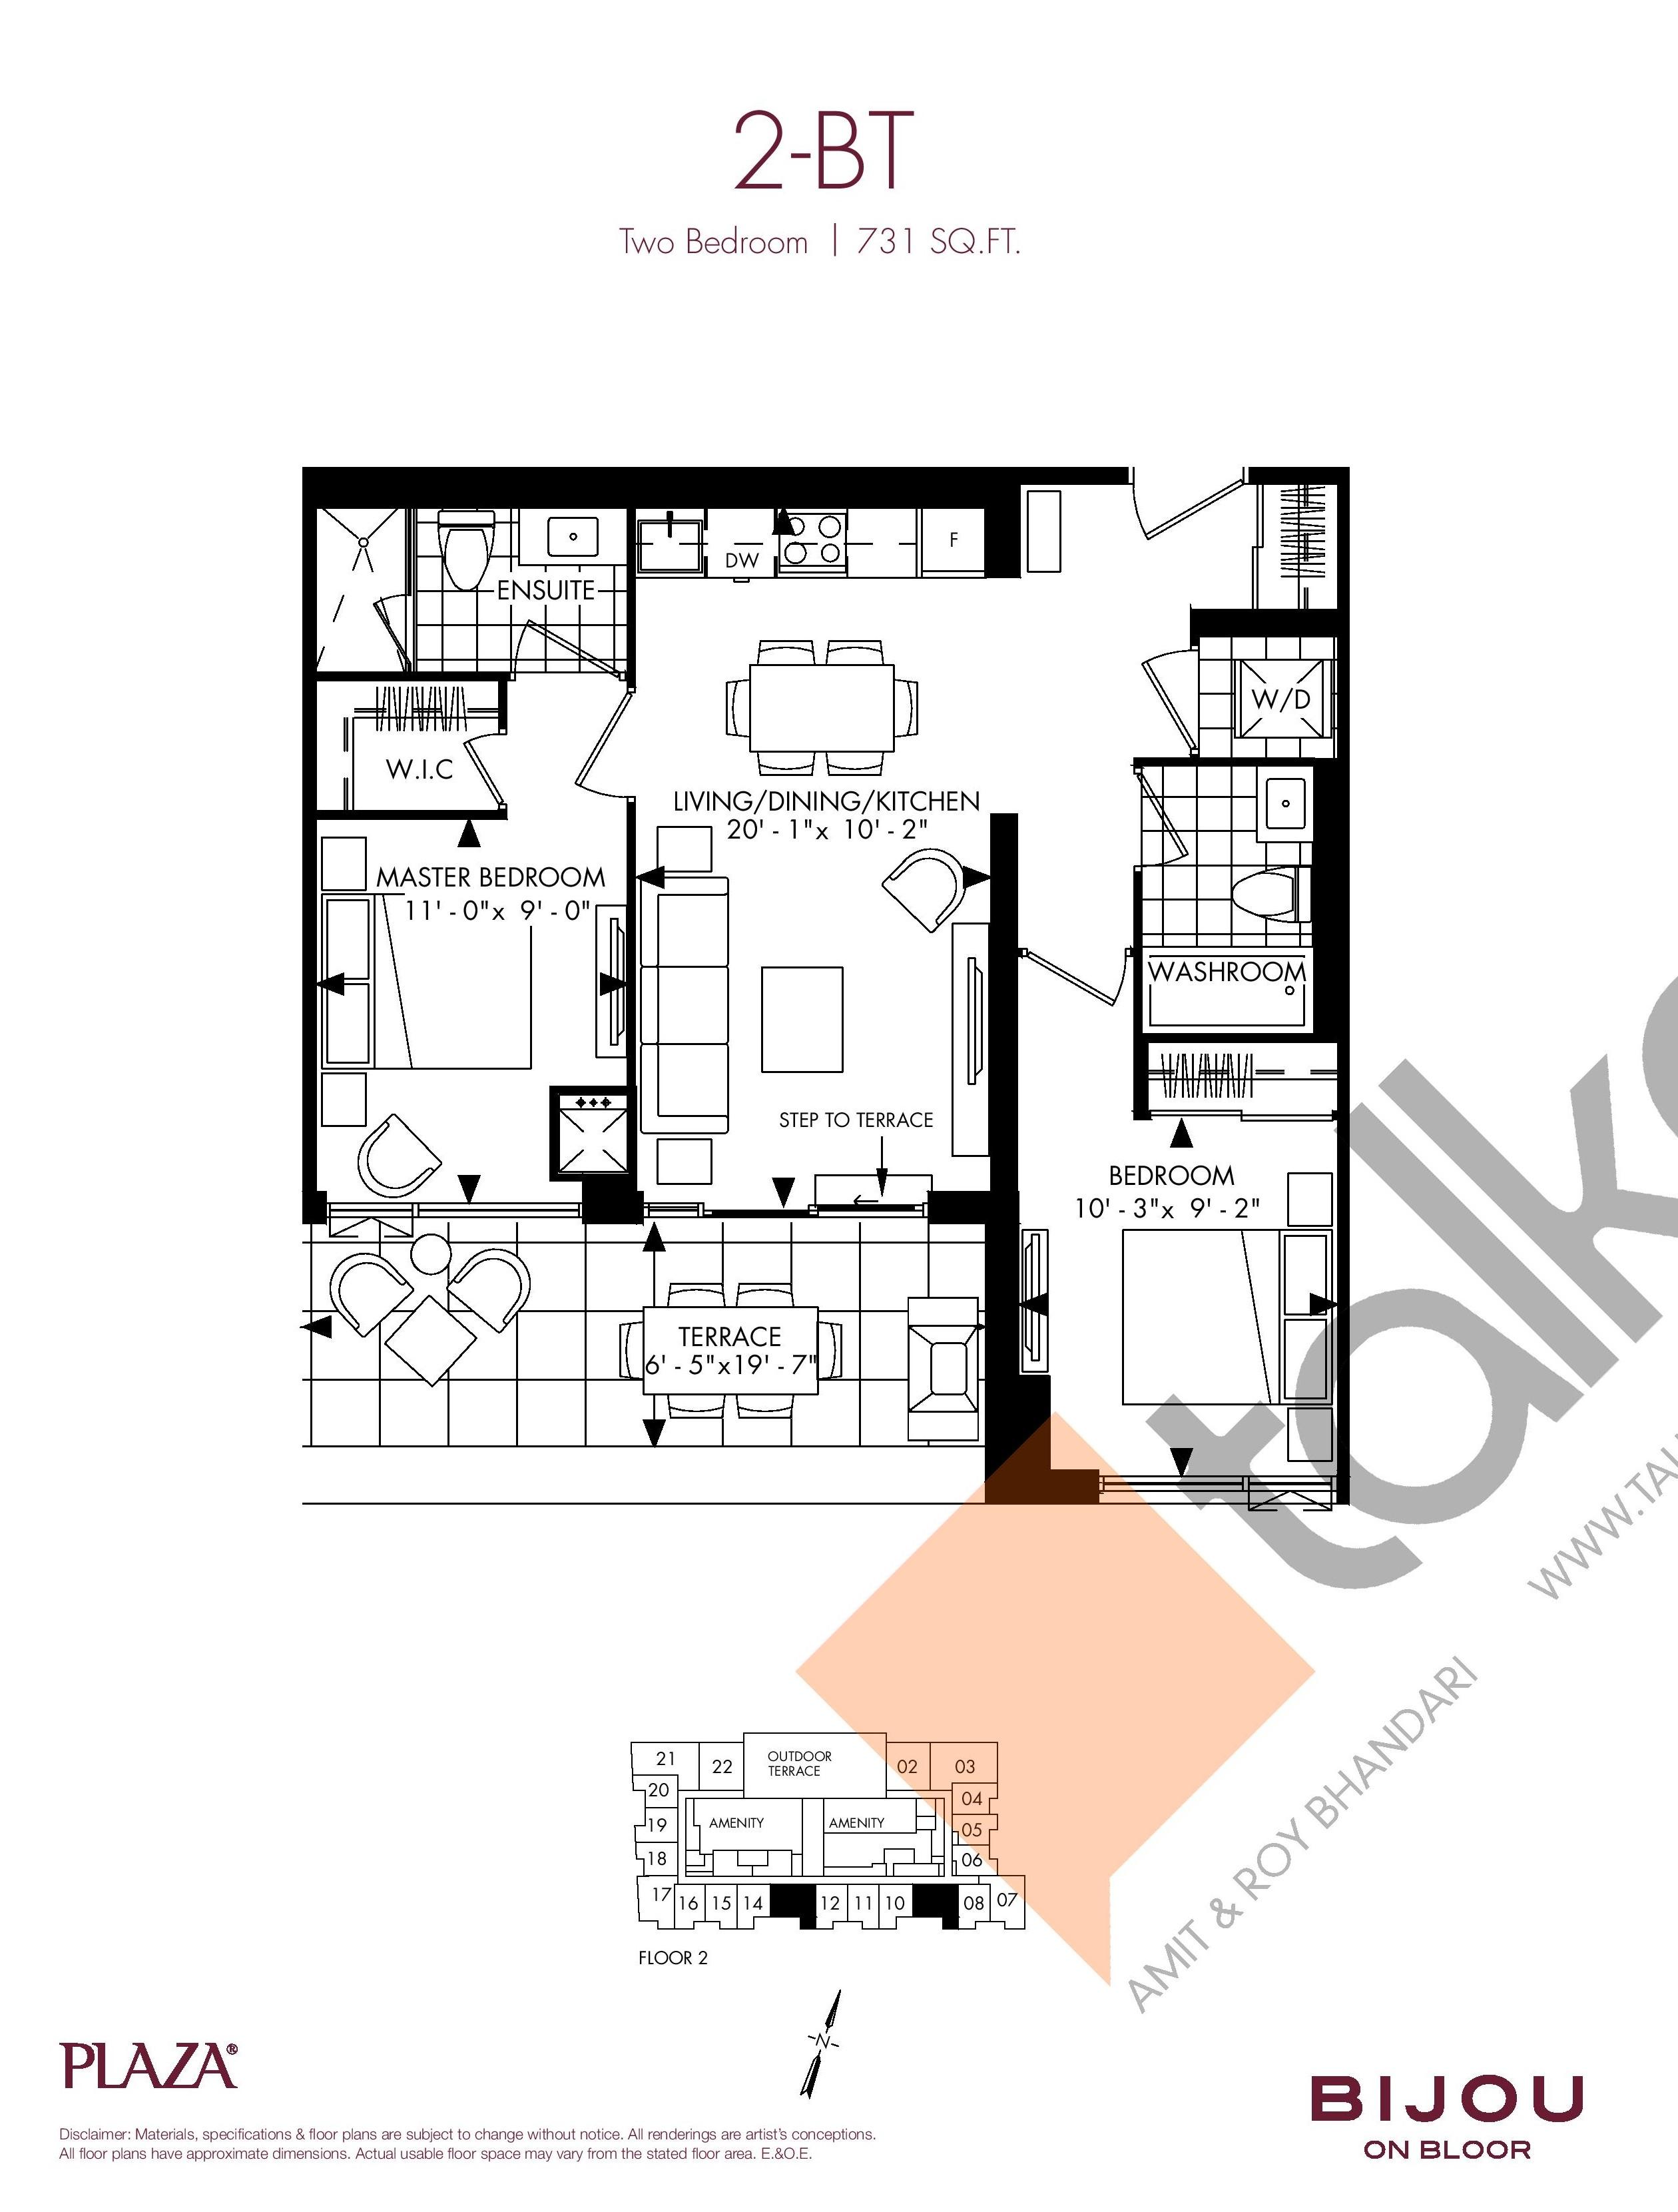 2-BT Floor Plan at Bijou On Bloor Condos - 731 sq.ft